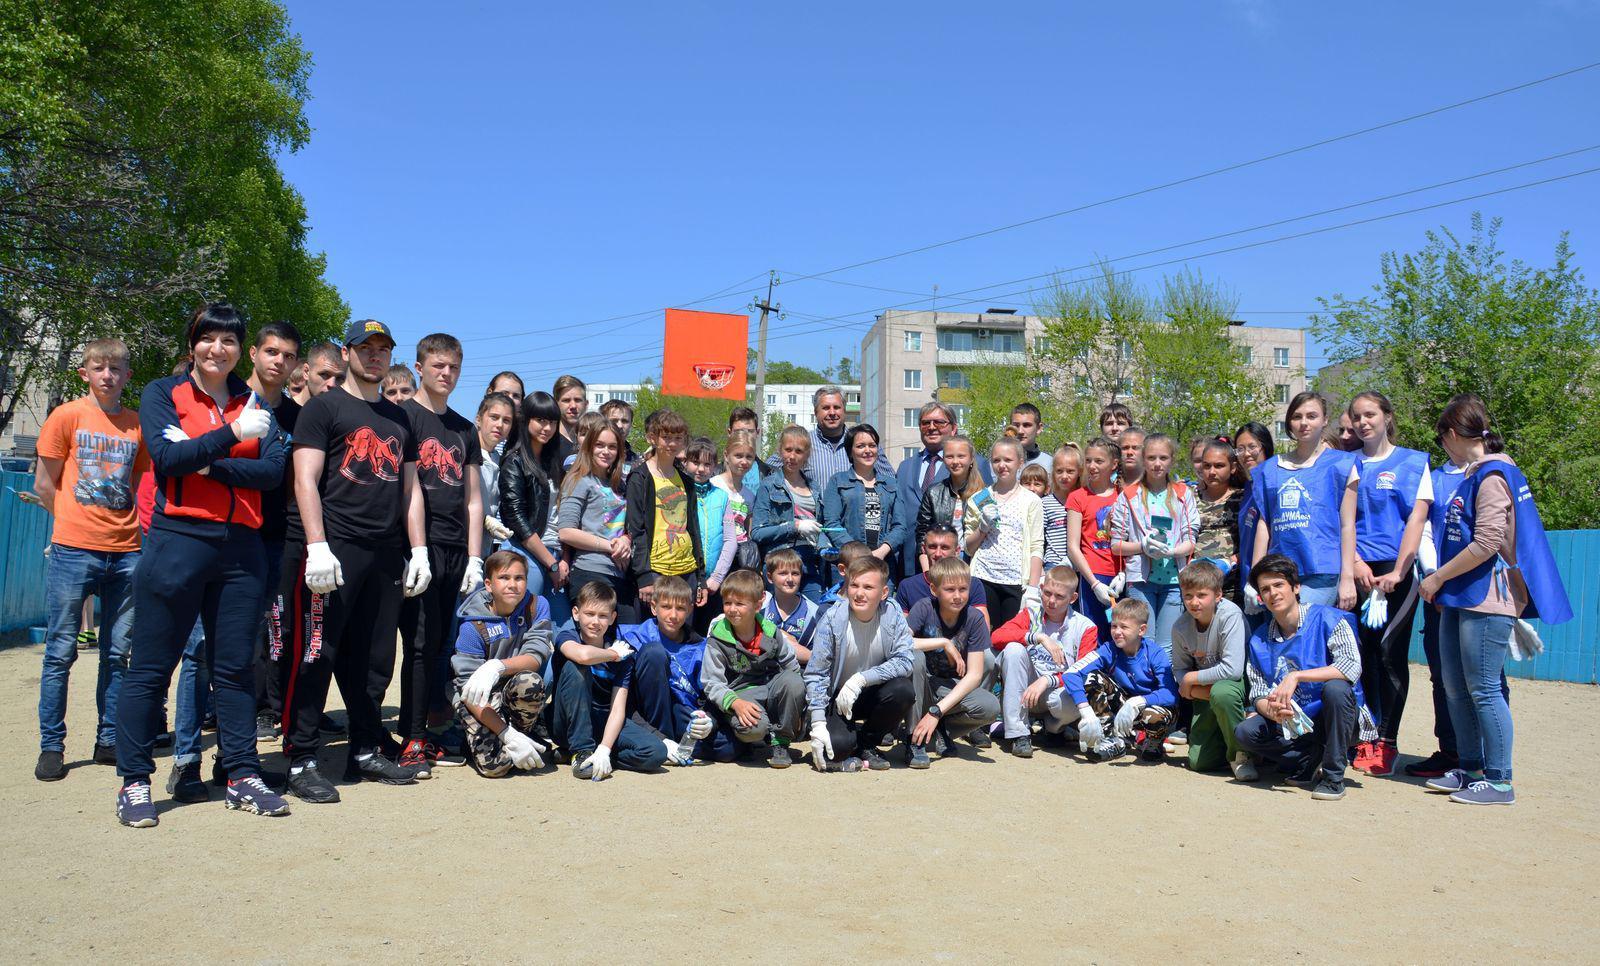 В районе птичника при поддержке Думы Артемовского городского округа была отремонтирована хоккейная коробка